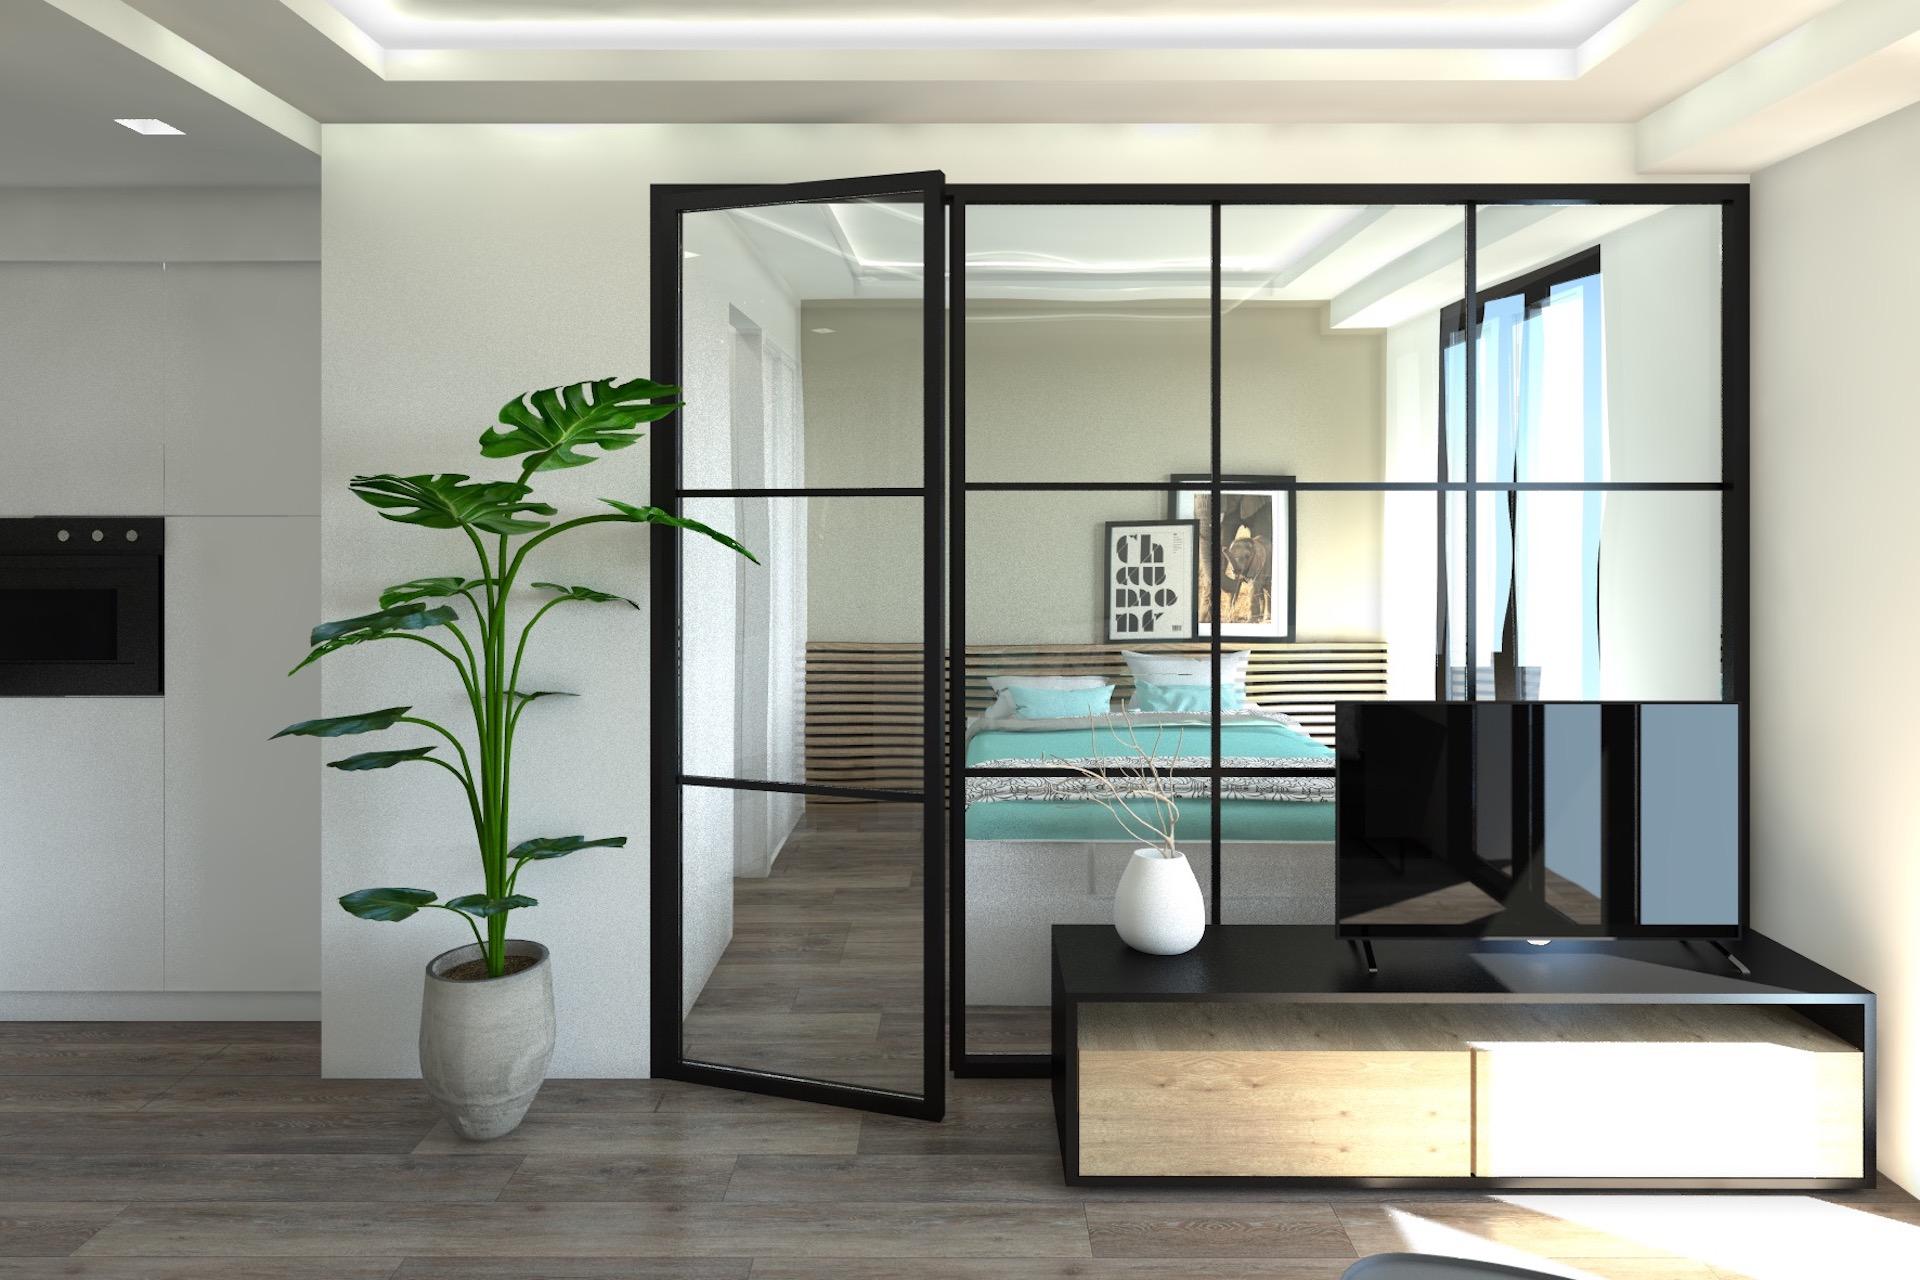 Rénovation-aménagement-décoration-appartement-Sainte-Maxime-architecte-interieur-var6